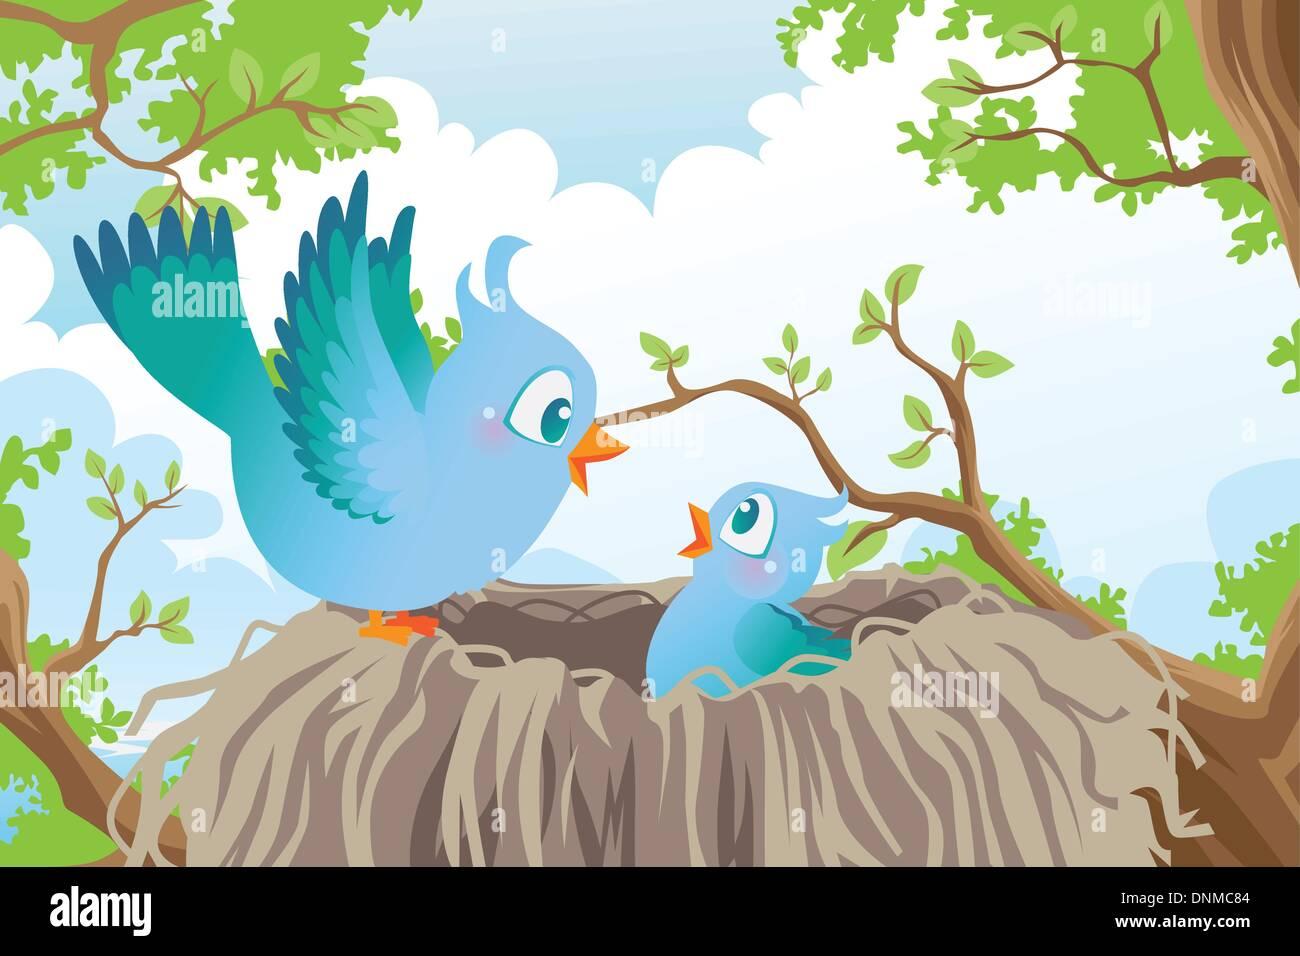 Una illustrazione vettoriale di uccelli nel nido Immagini Stock